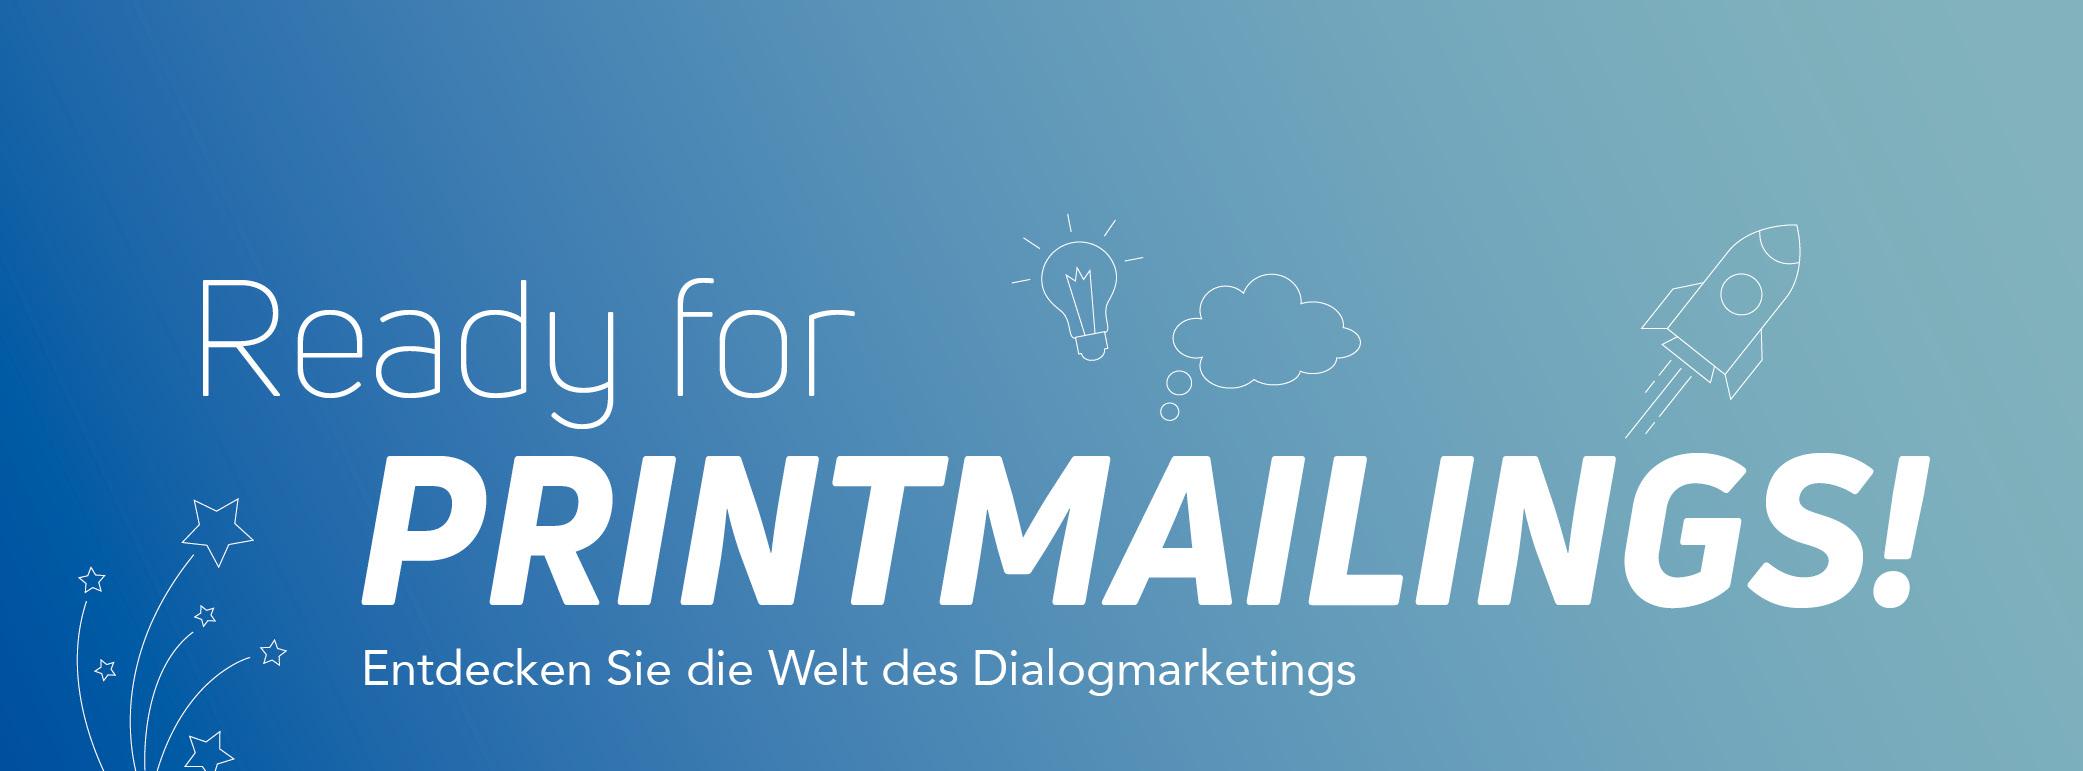 Printmailings zeigt die Welt des Dialogmarketings